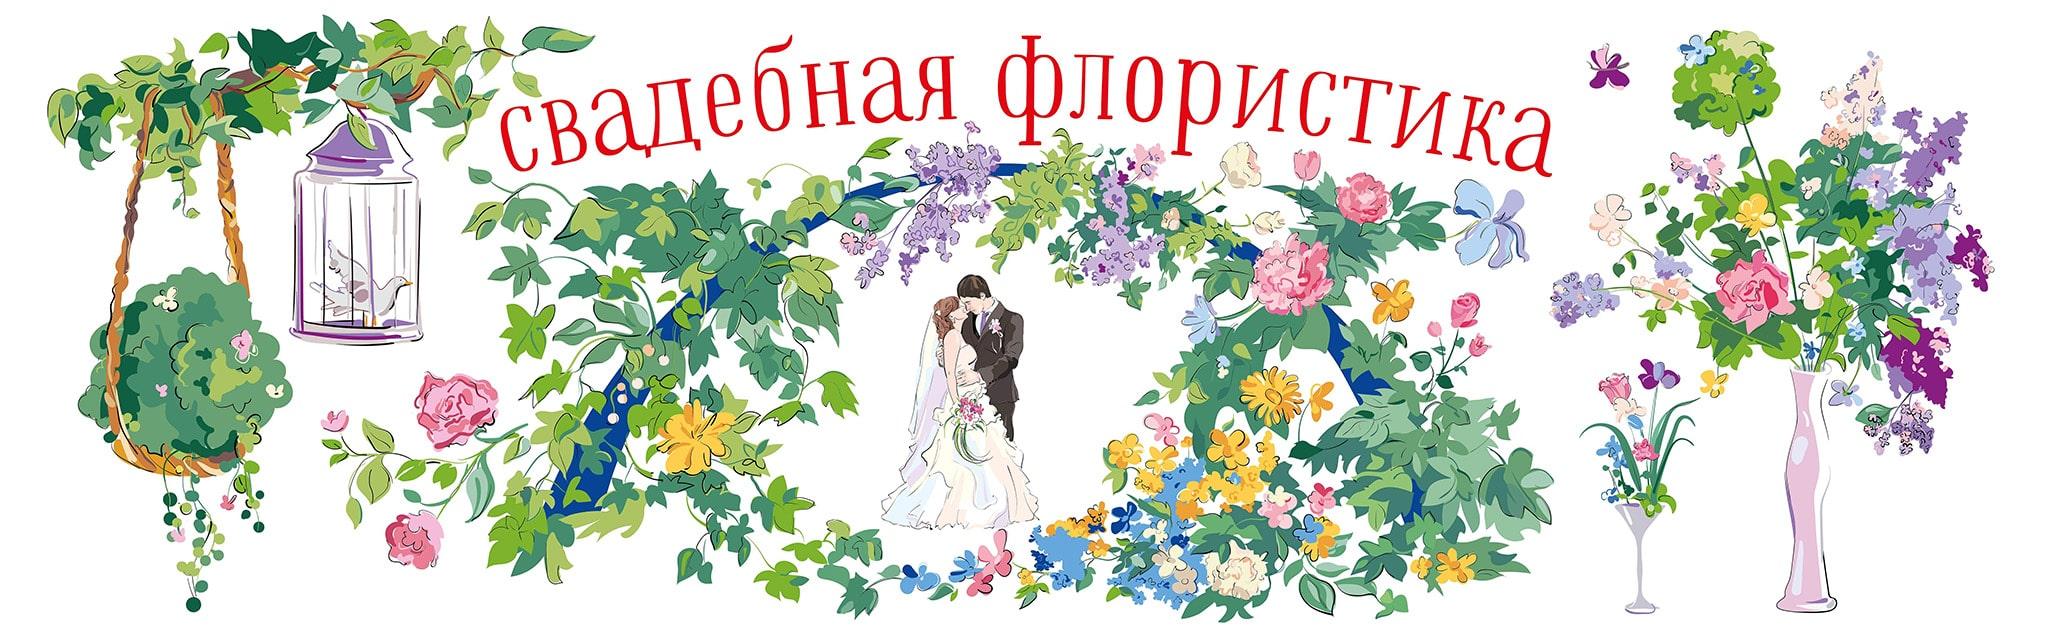 Оформление свадеб, букет невесты, выездная регистрация, композиция на стол молодоженов